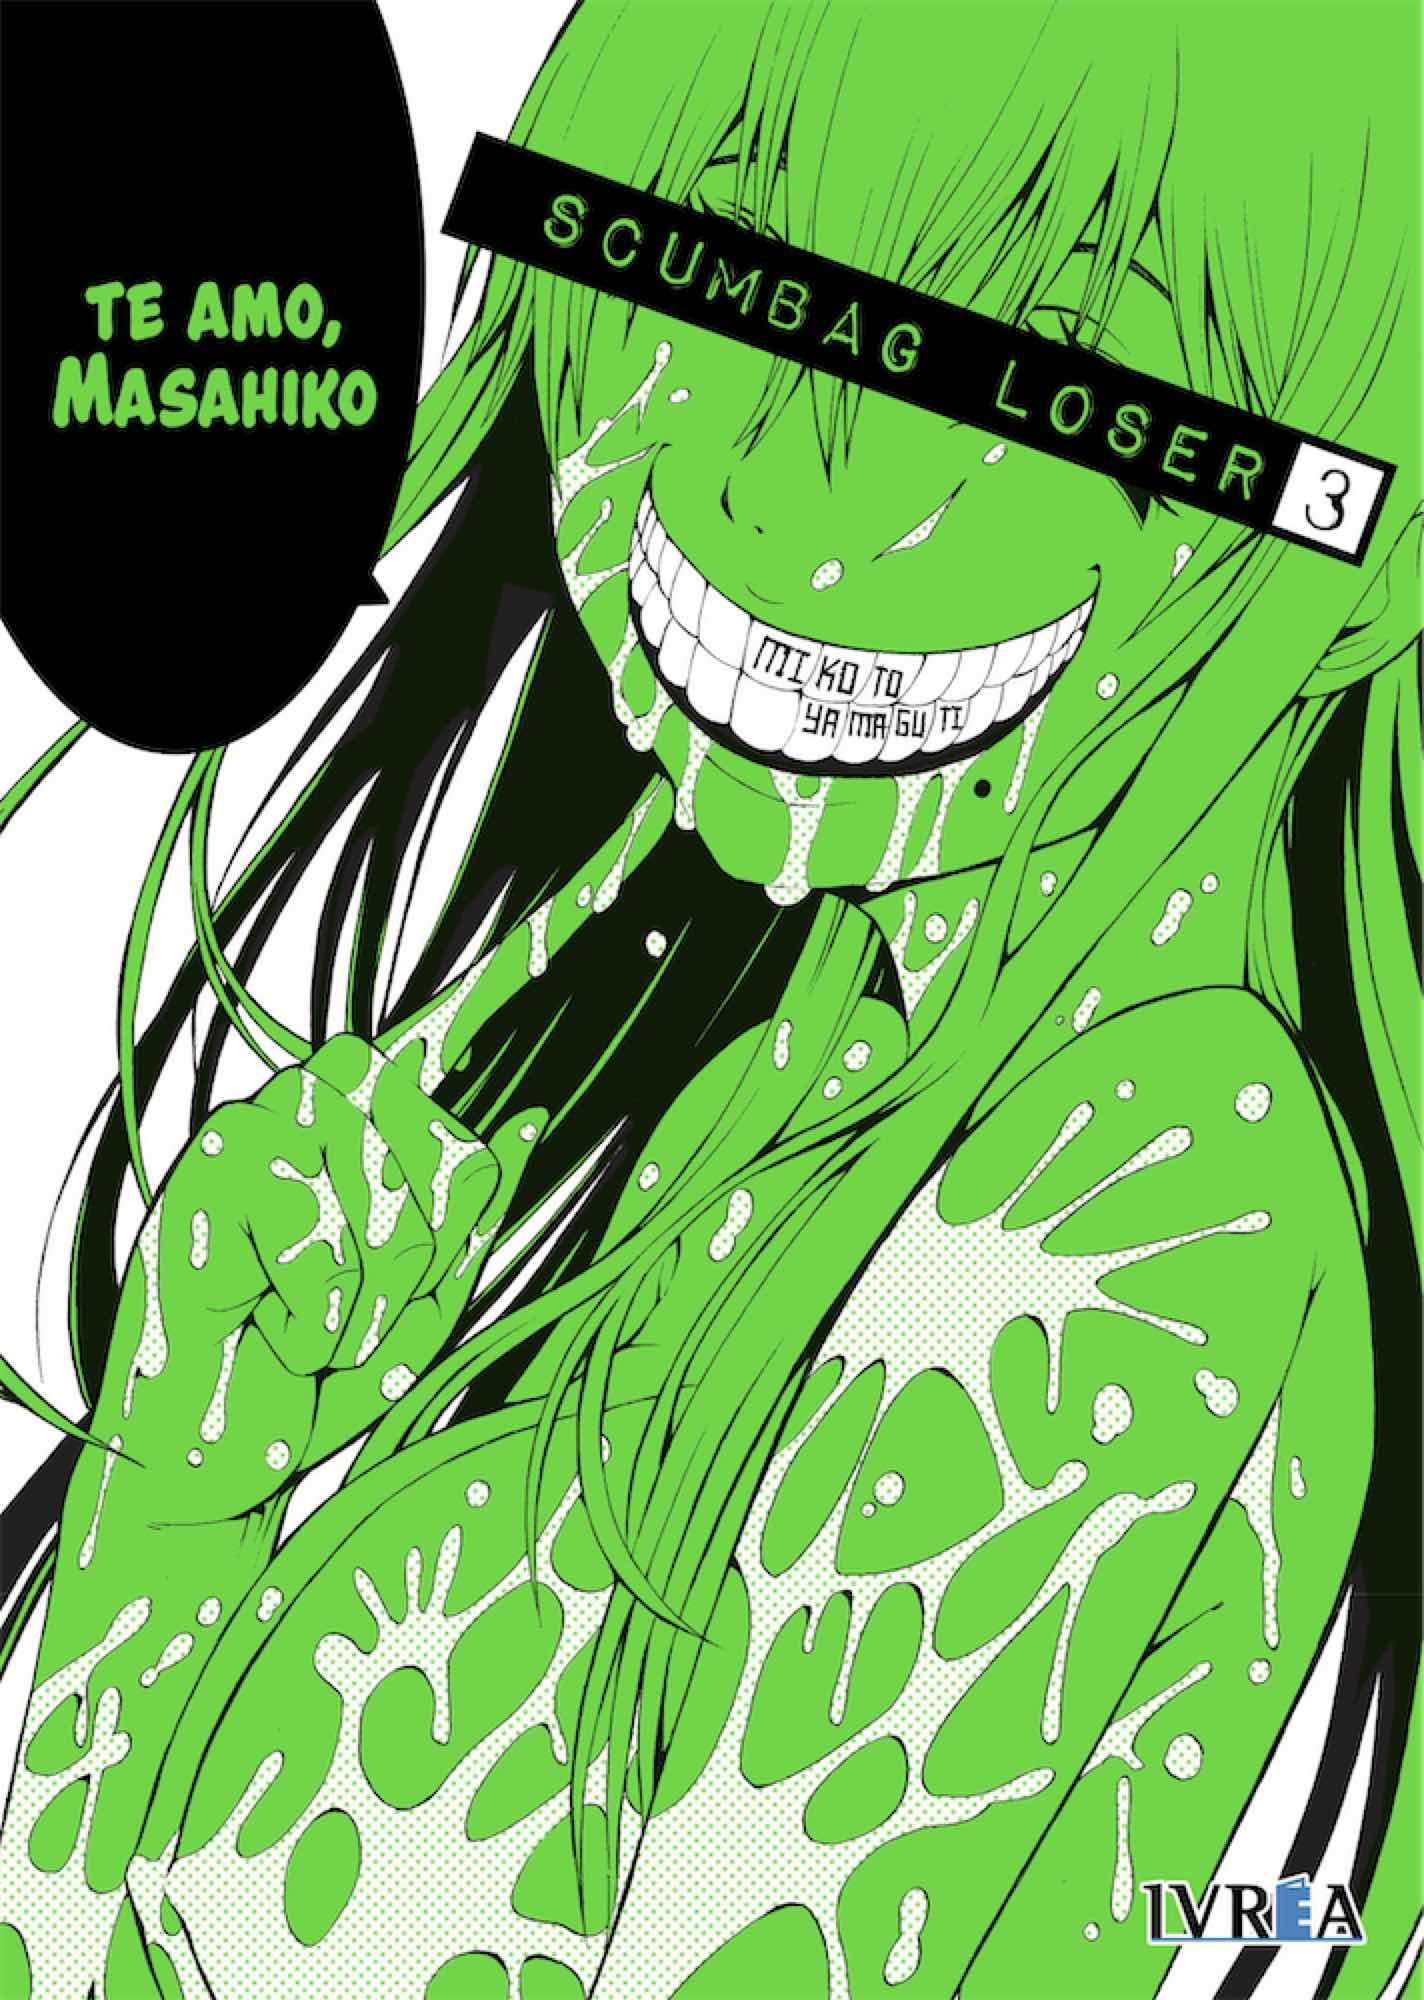 SCUMBAG LOSER 03 (COMIC)